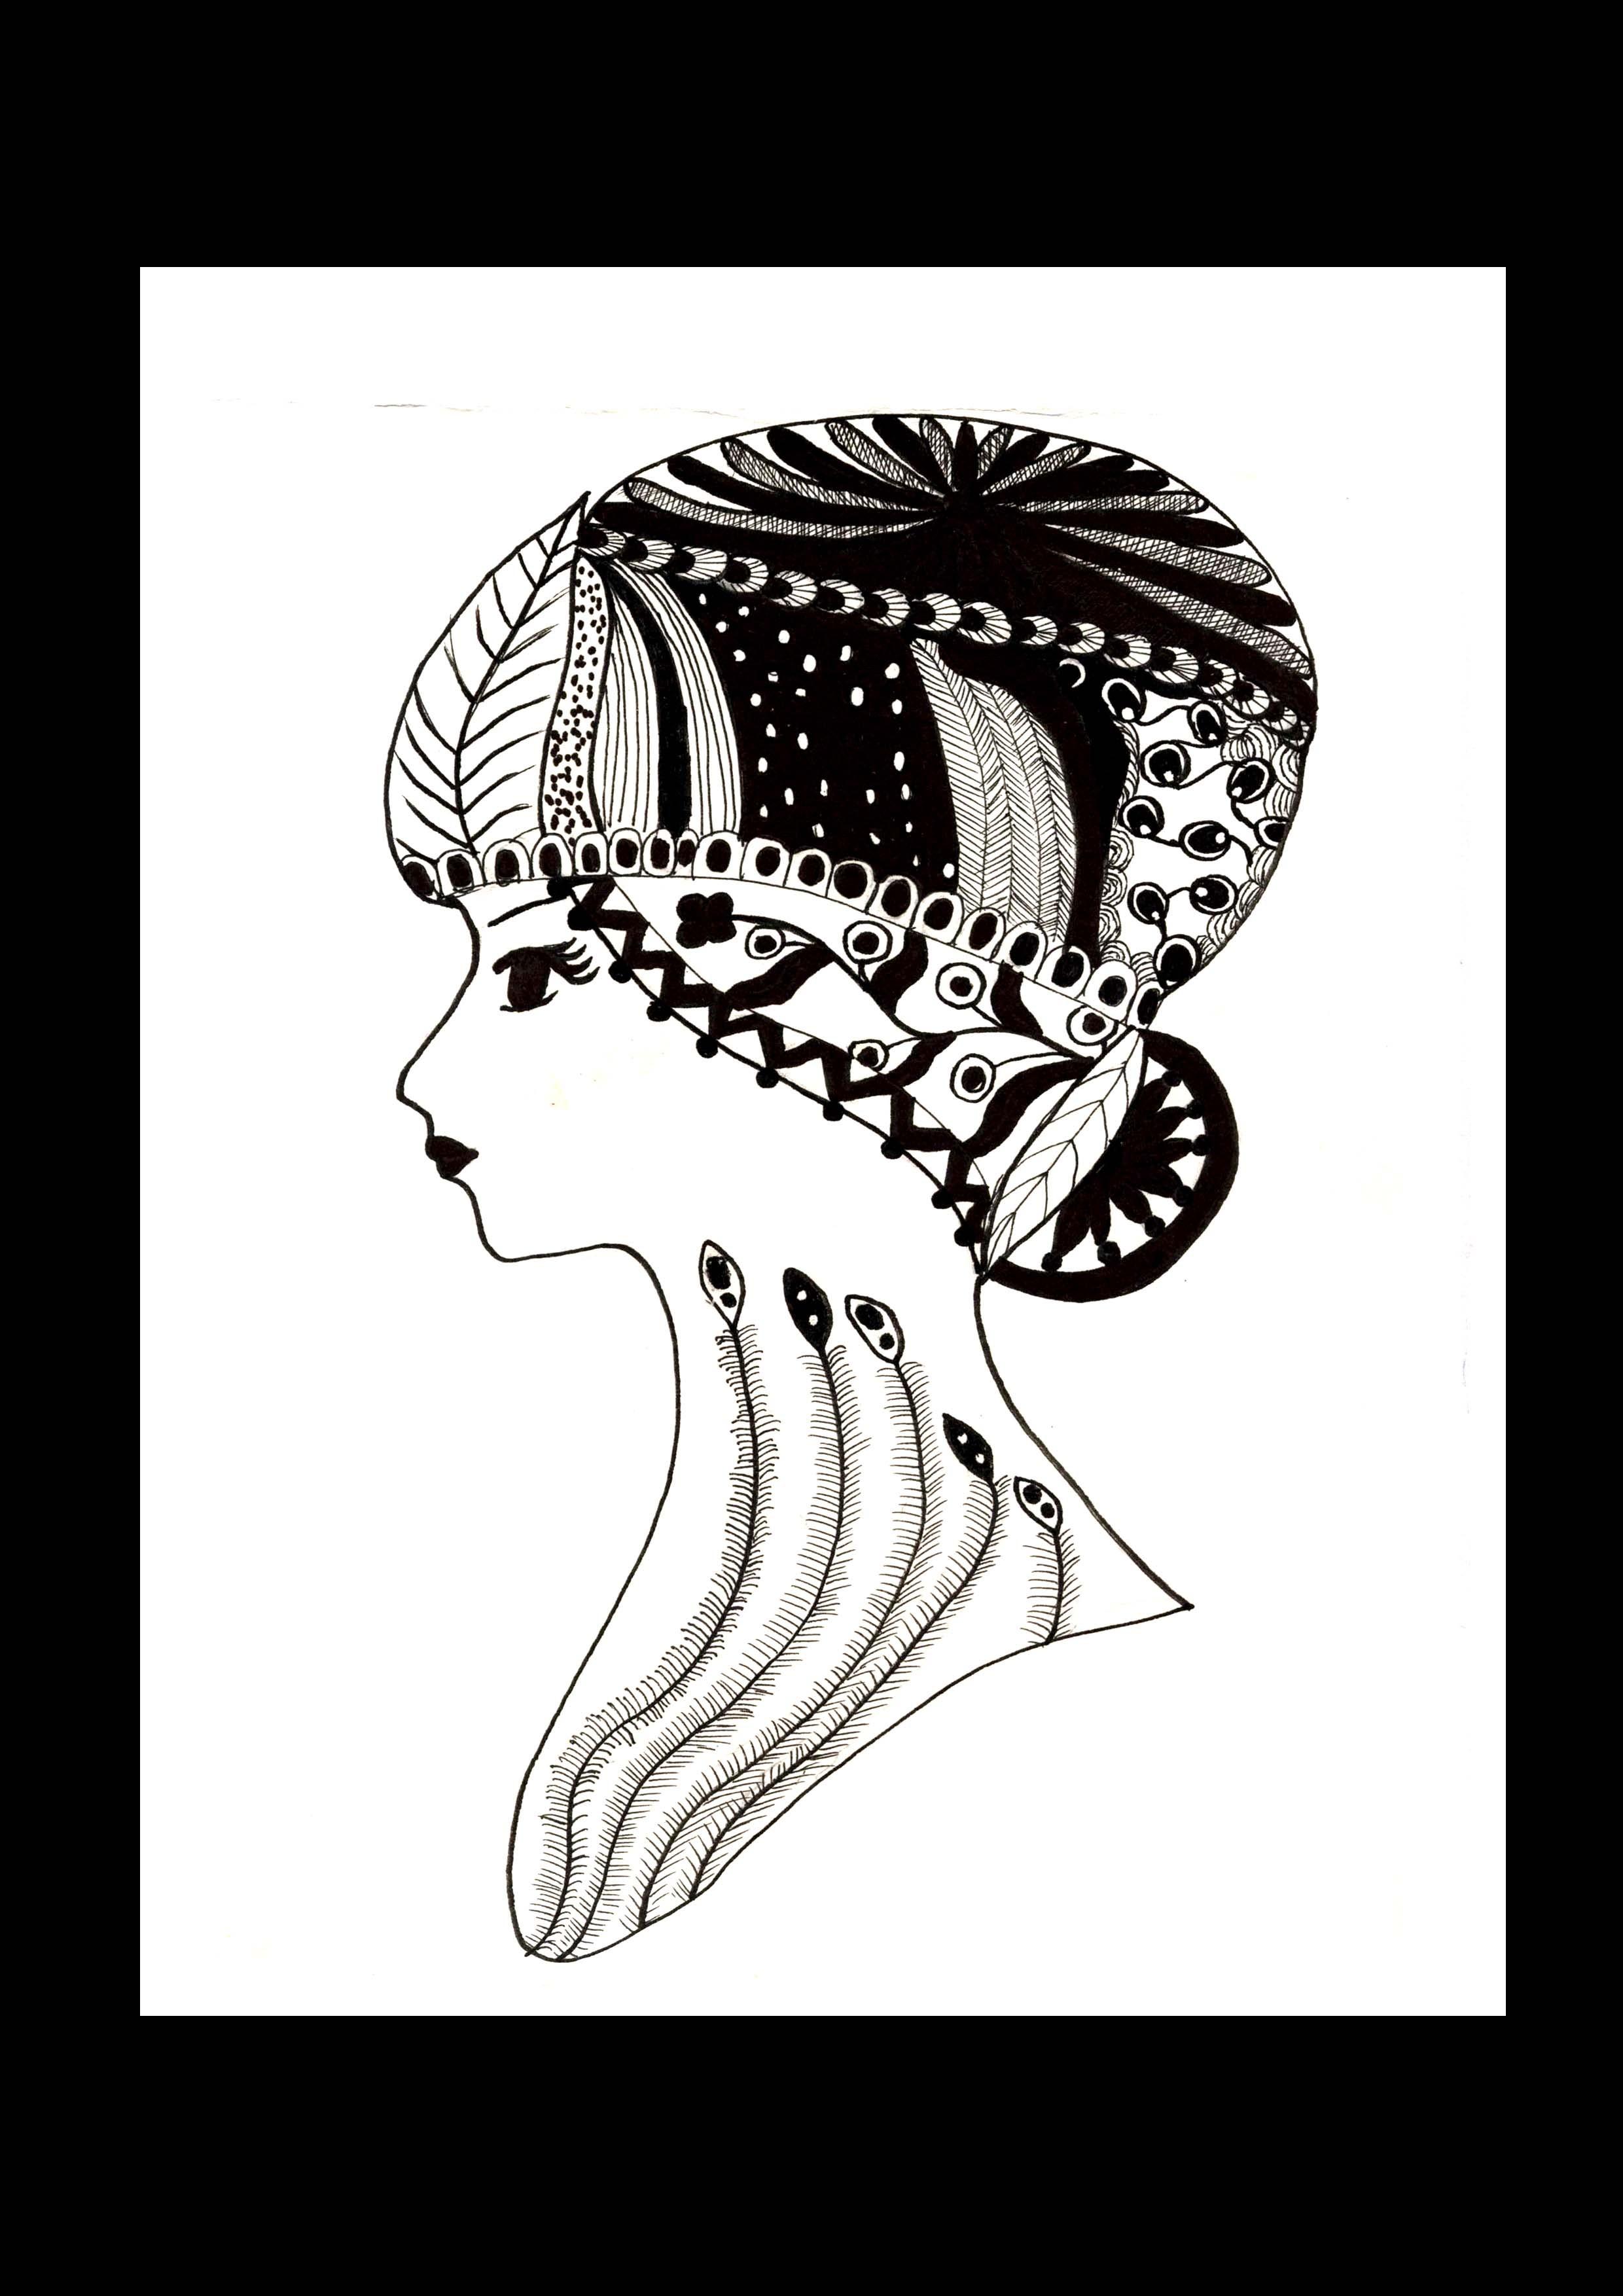 人物黑白装饰性插画